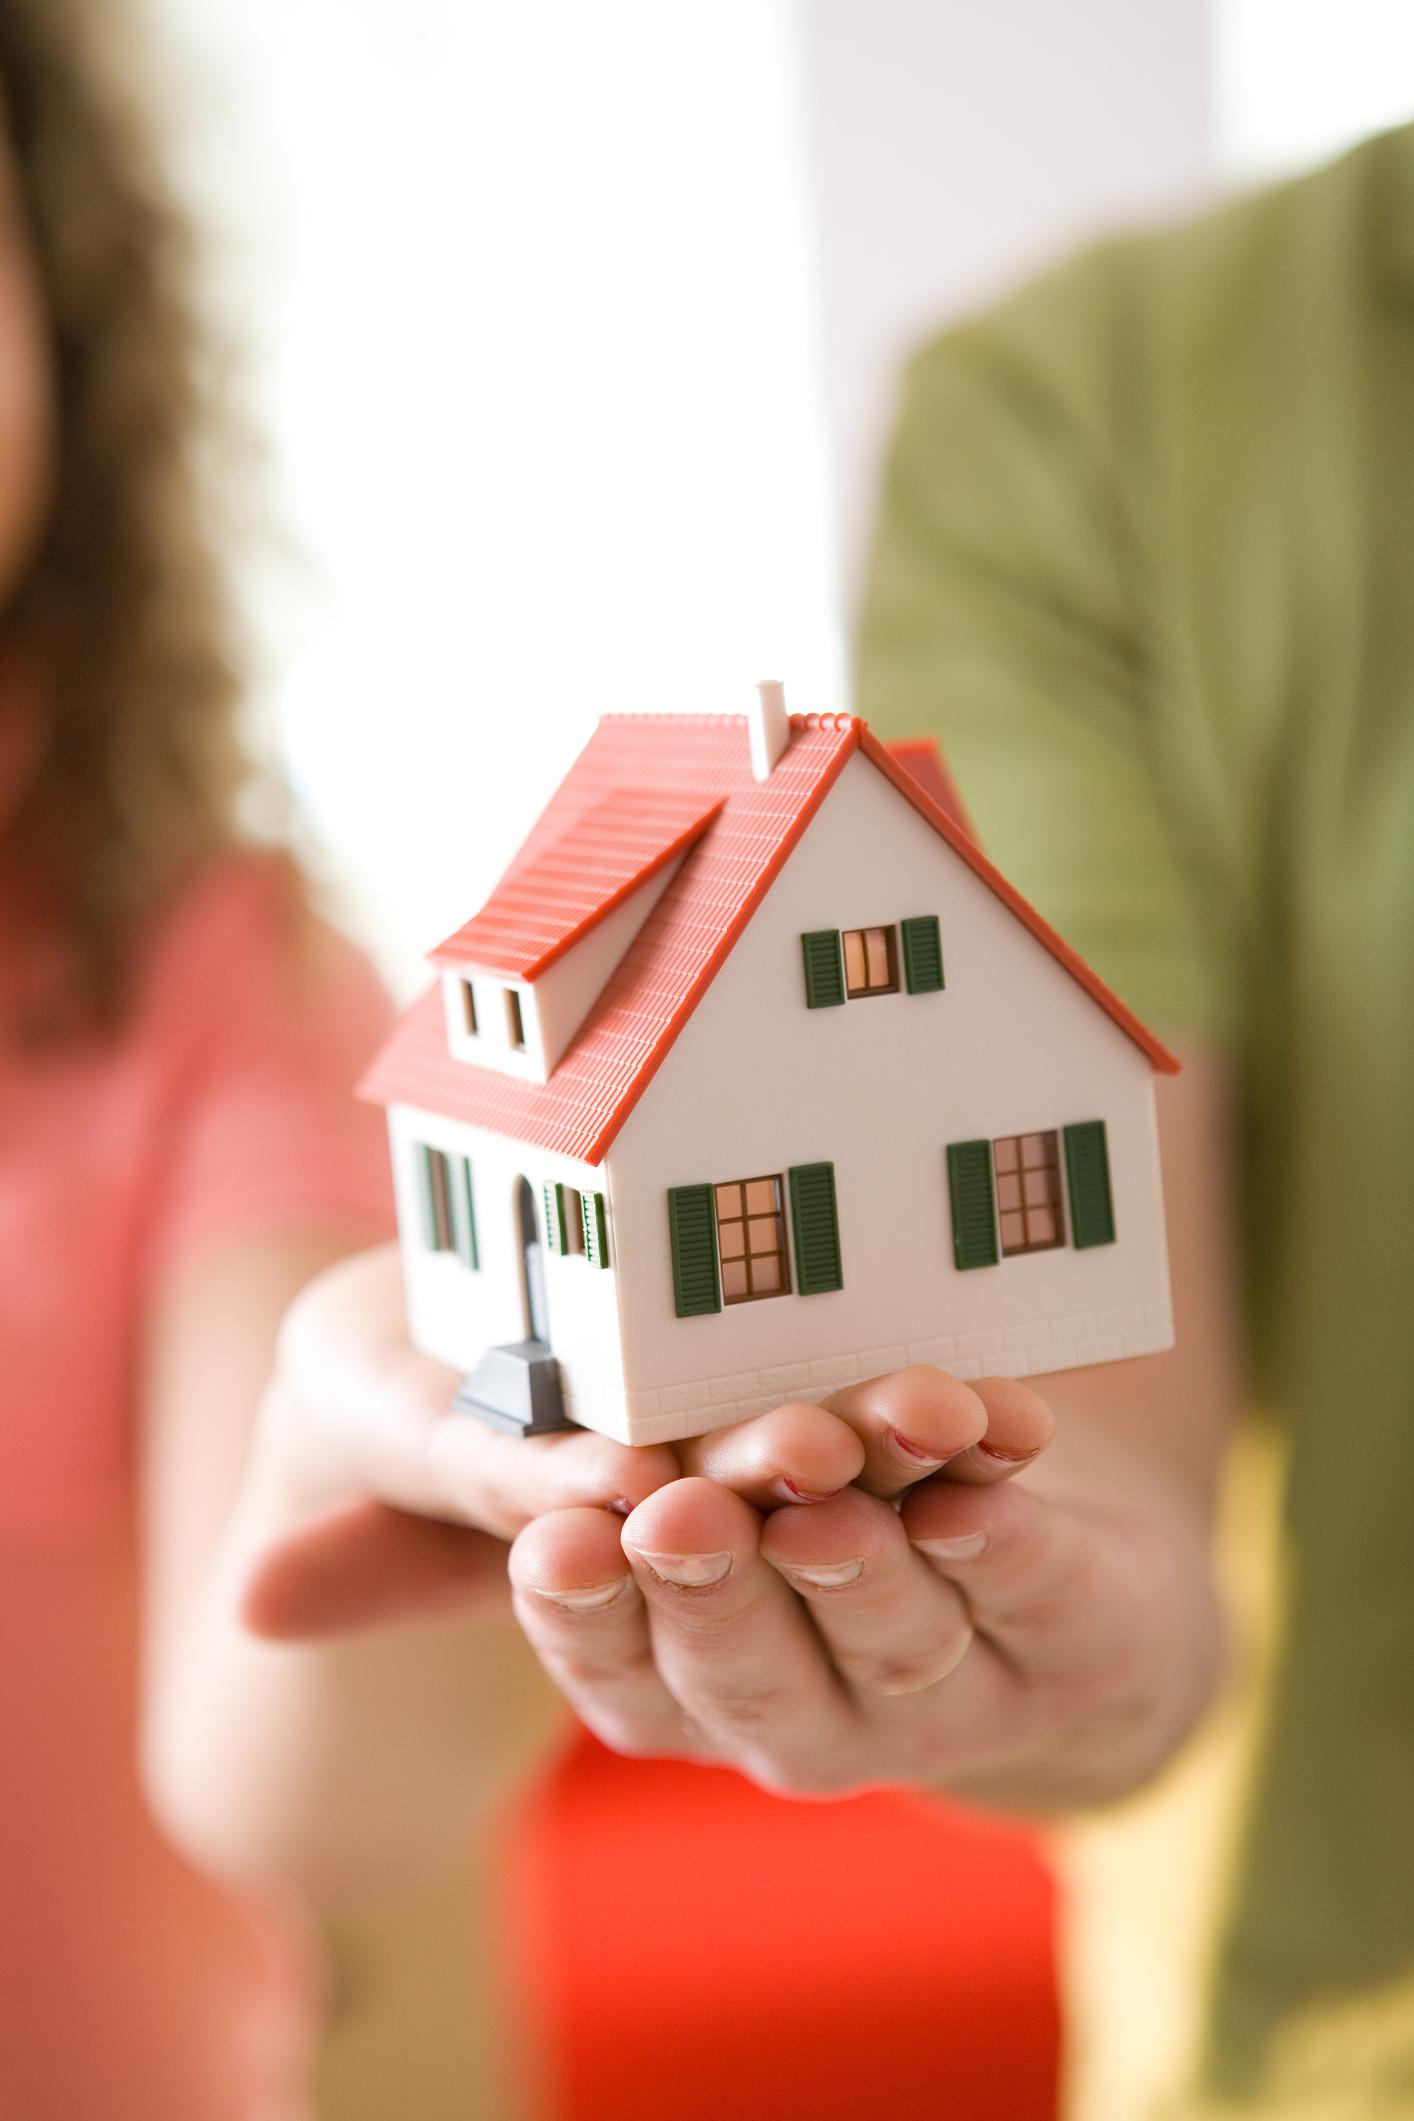 Продажа жилья многодетной семье